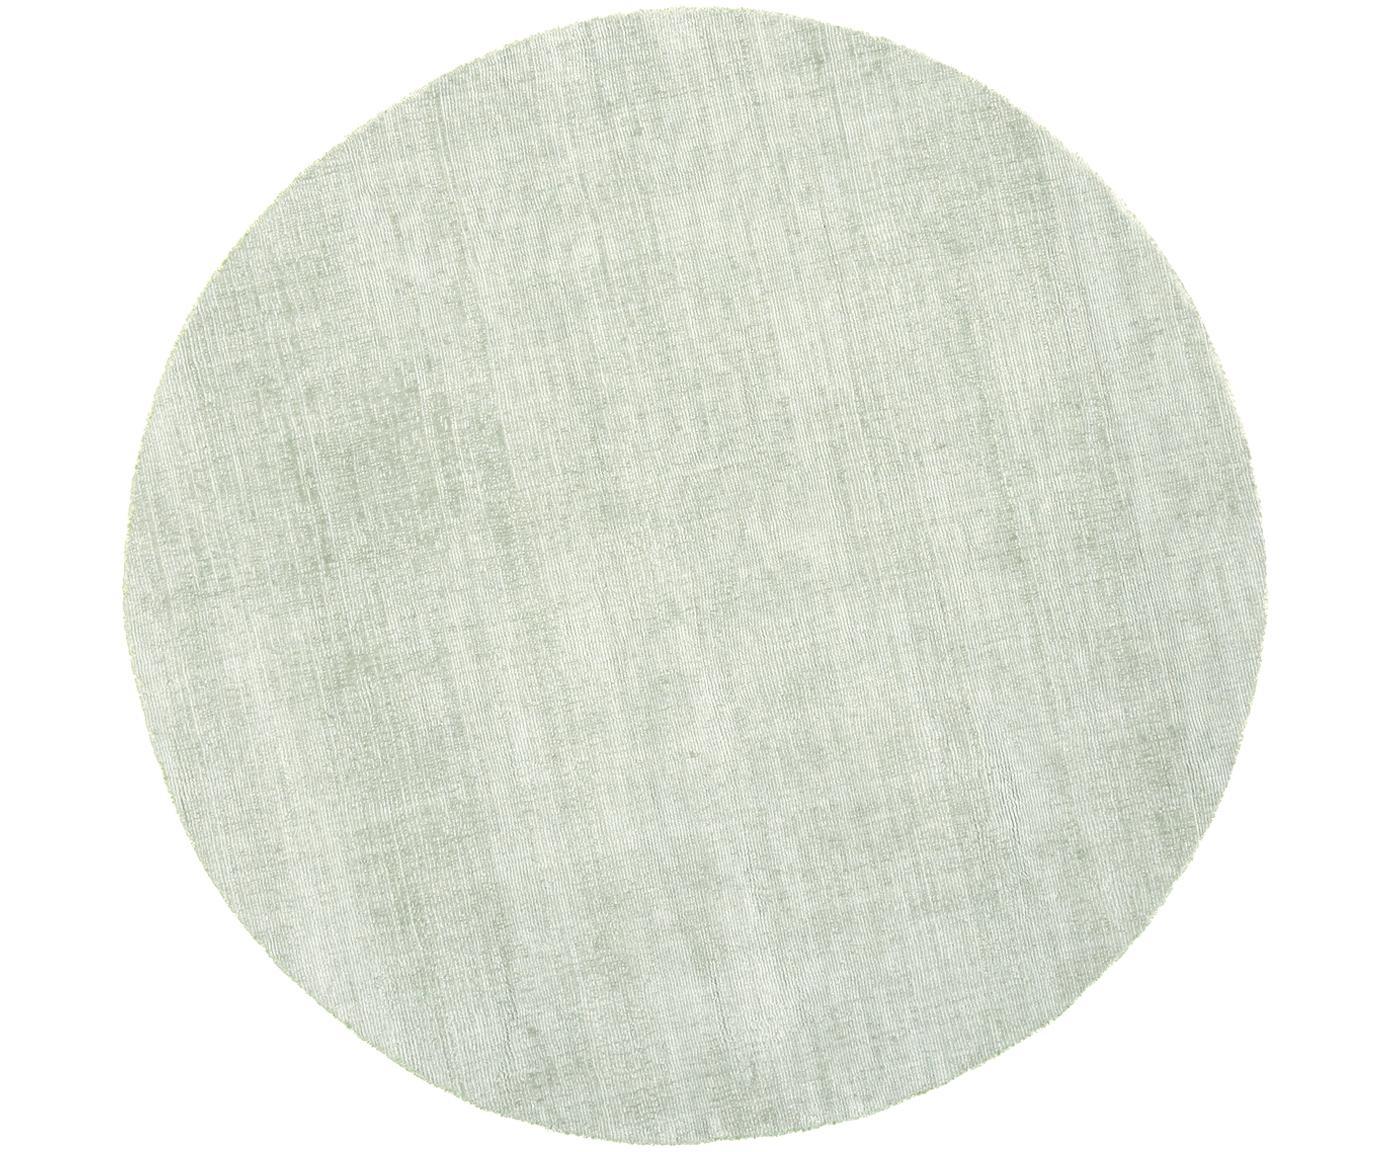 Handgeweven viscose vloerkleed Jane, Bovenzijde: 100% viscose, Onderzijde: 100% katoen, Mintgroen, Ø 200 cm